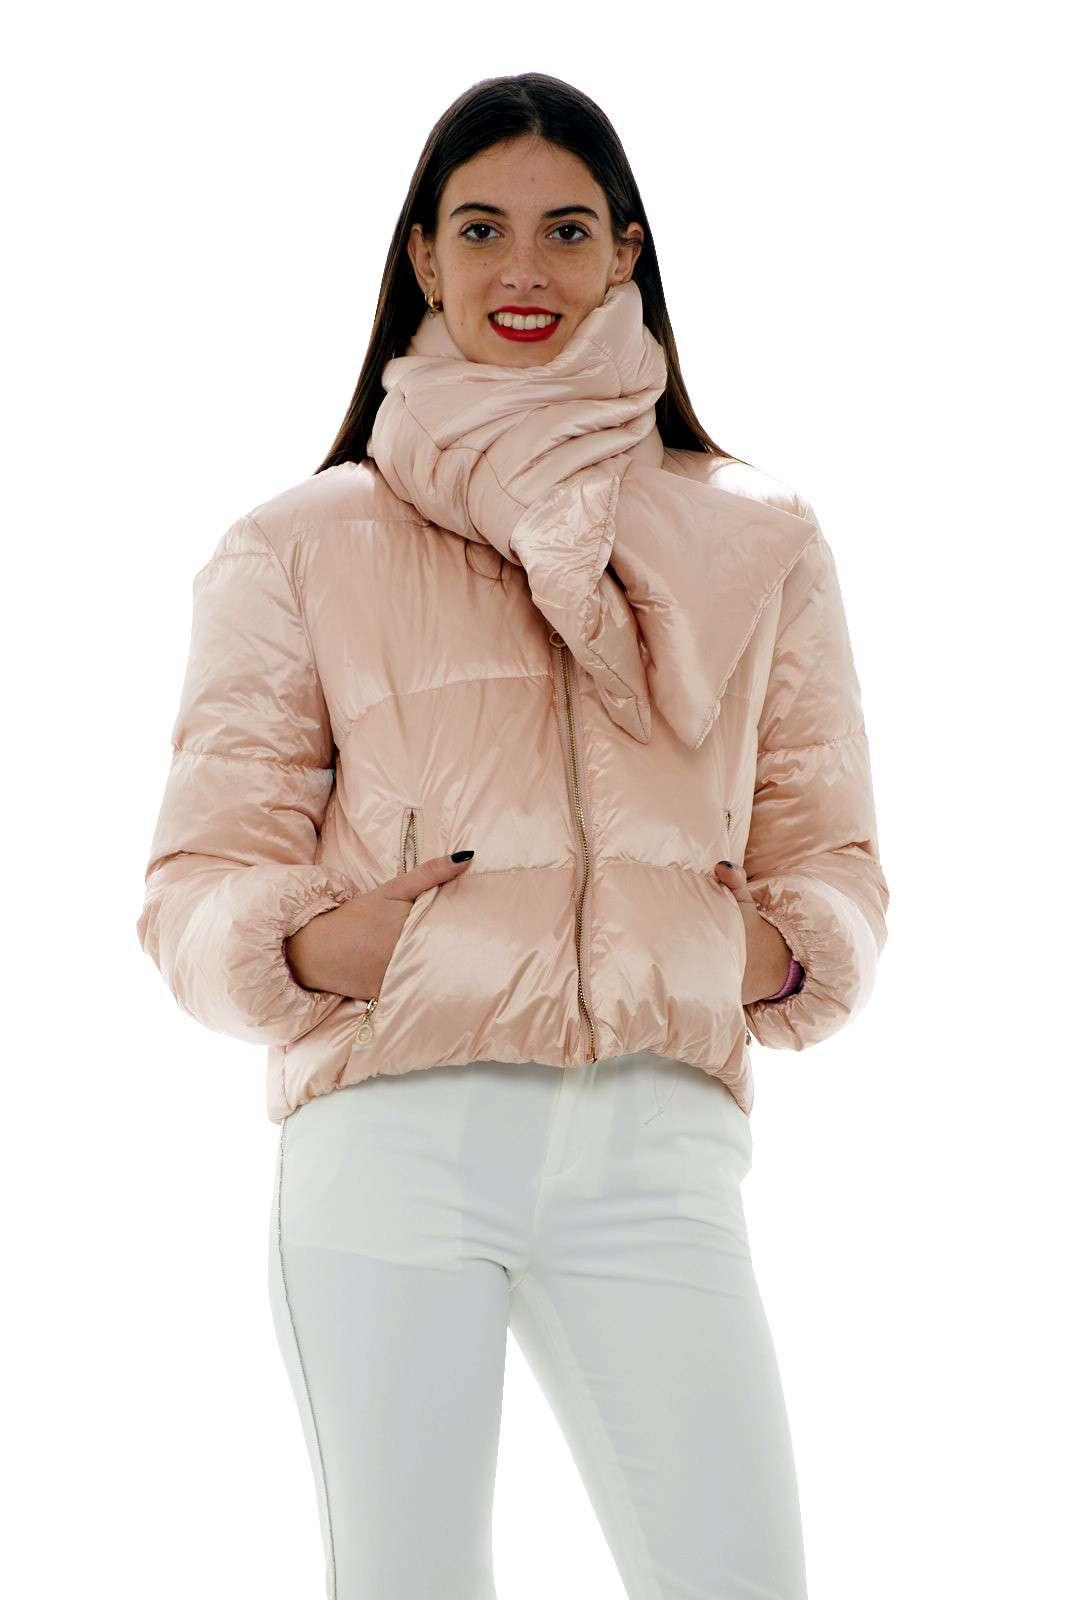 https://www.parmax.com/media/catalog/product/a/i/AI-outlet_parmax-giubbino-donna-Liu-Jo-t69024-A.jpg